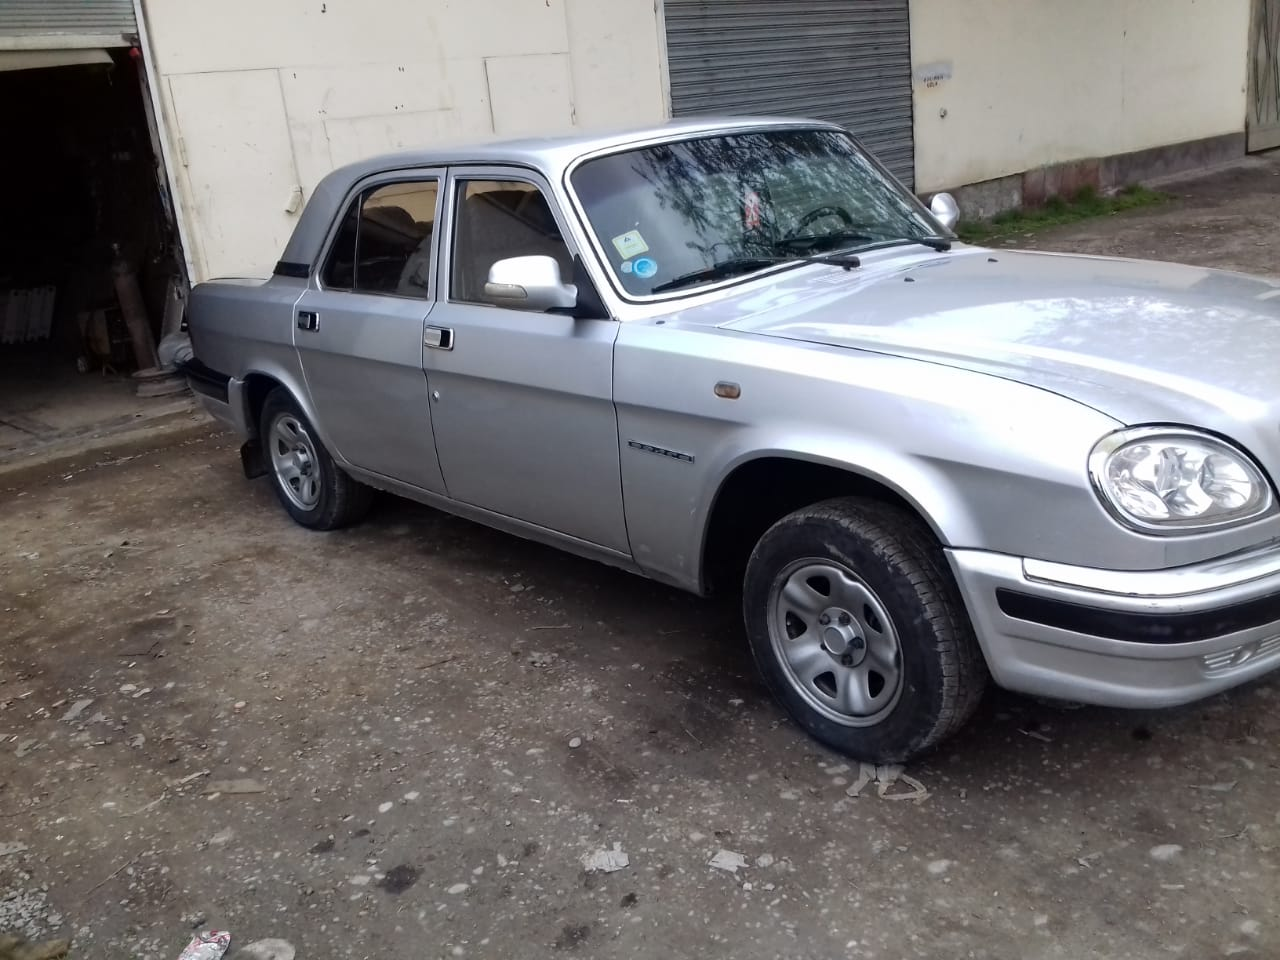 GAZ 3110 2.4(lt) 2003 Подержанный  $2850